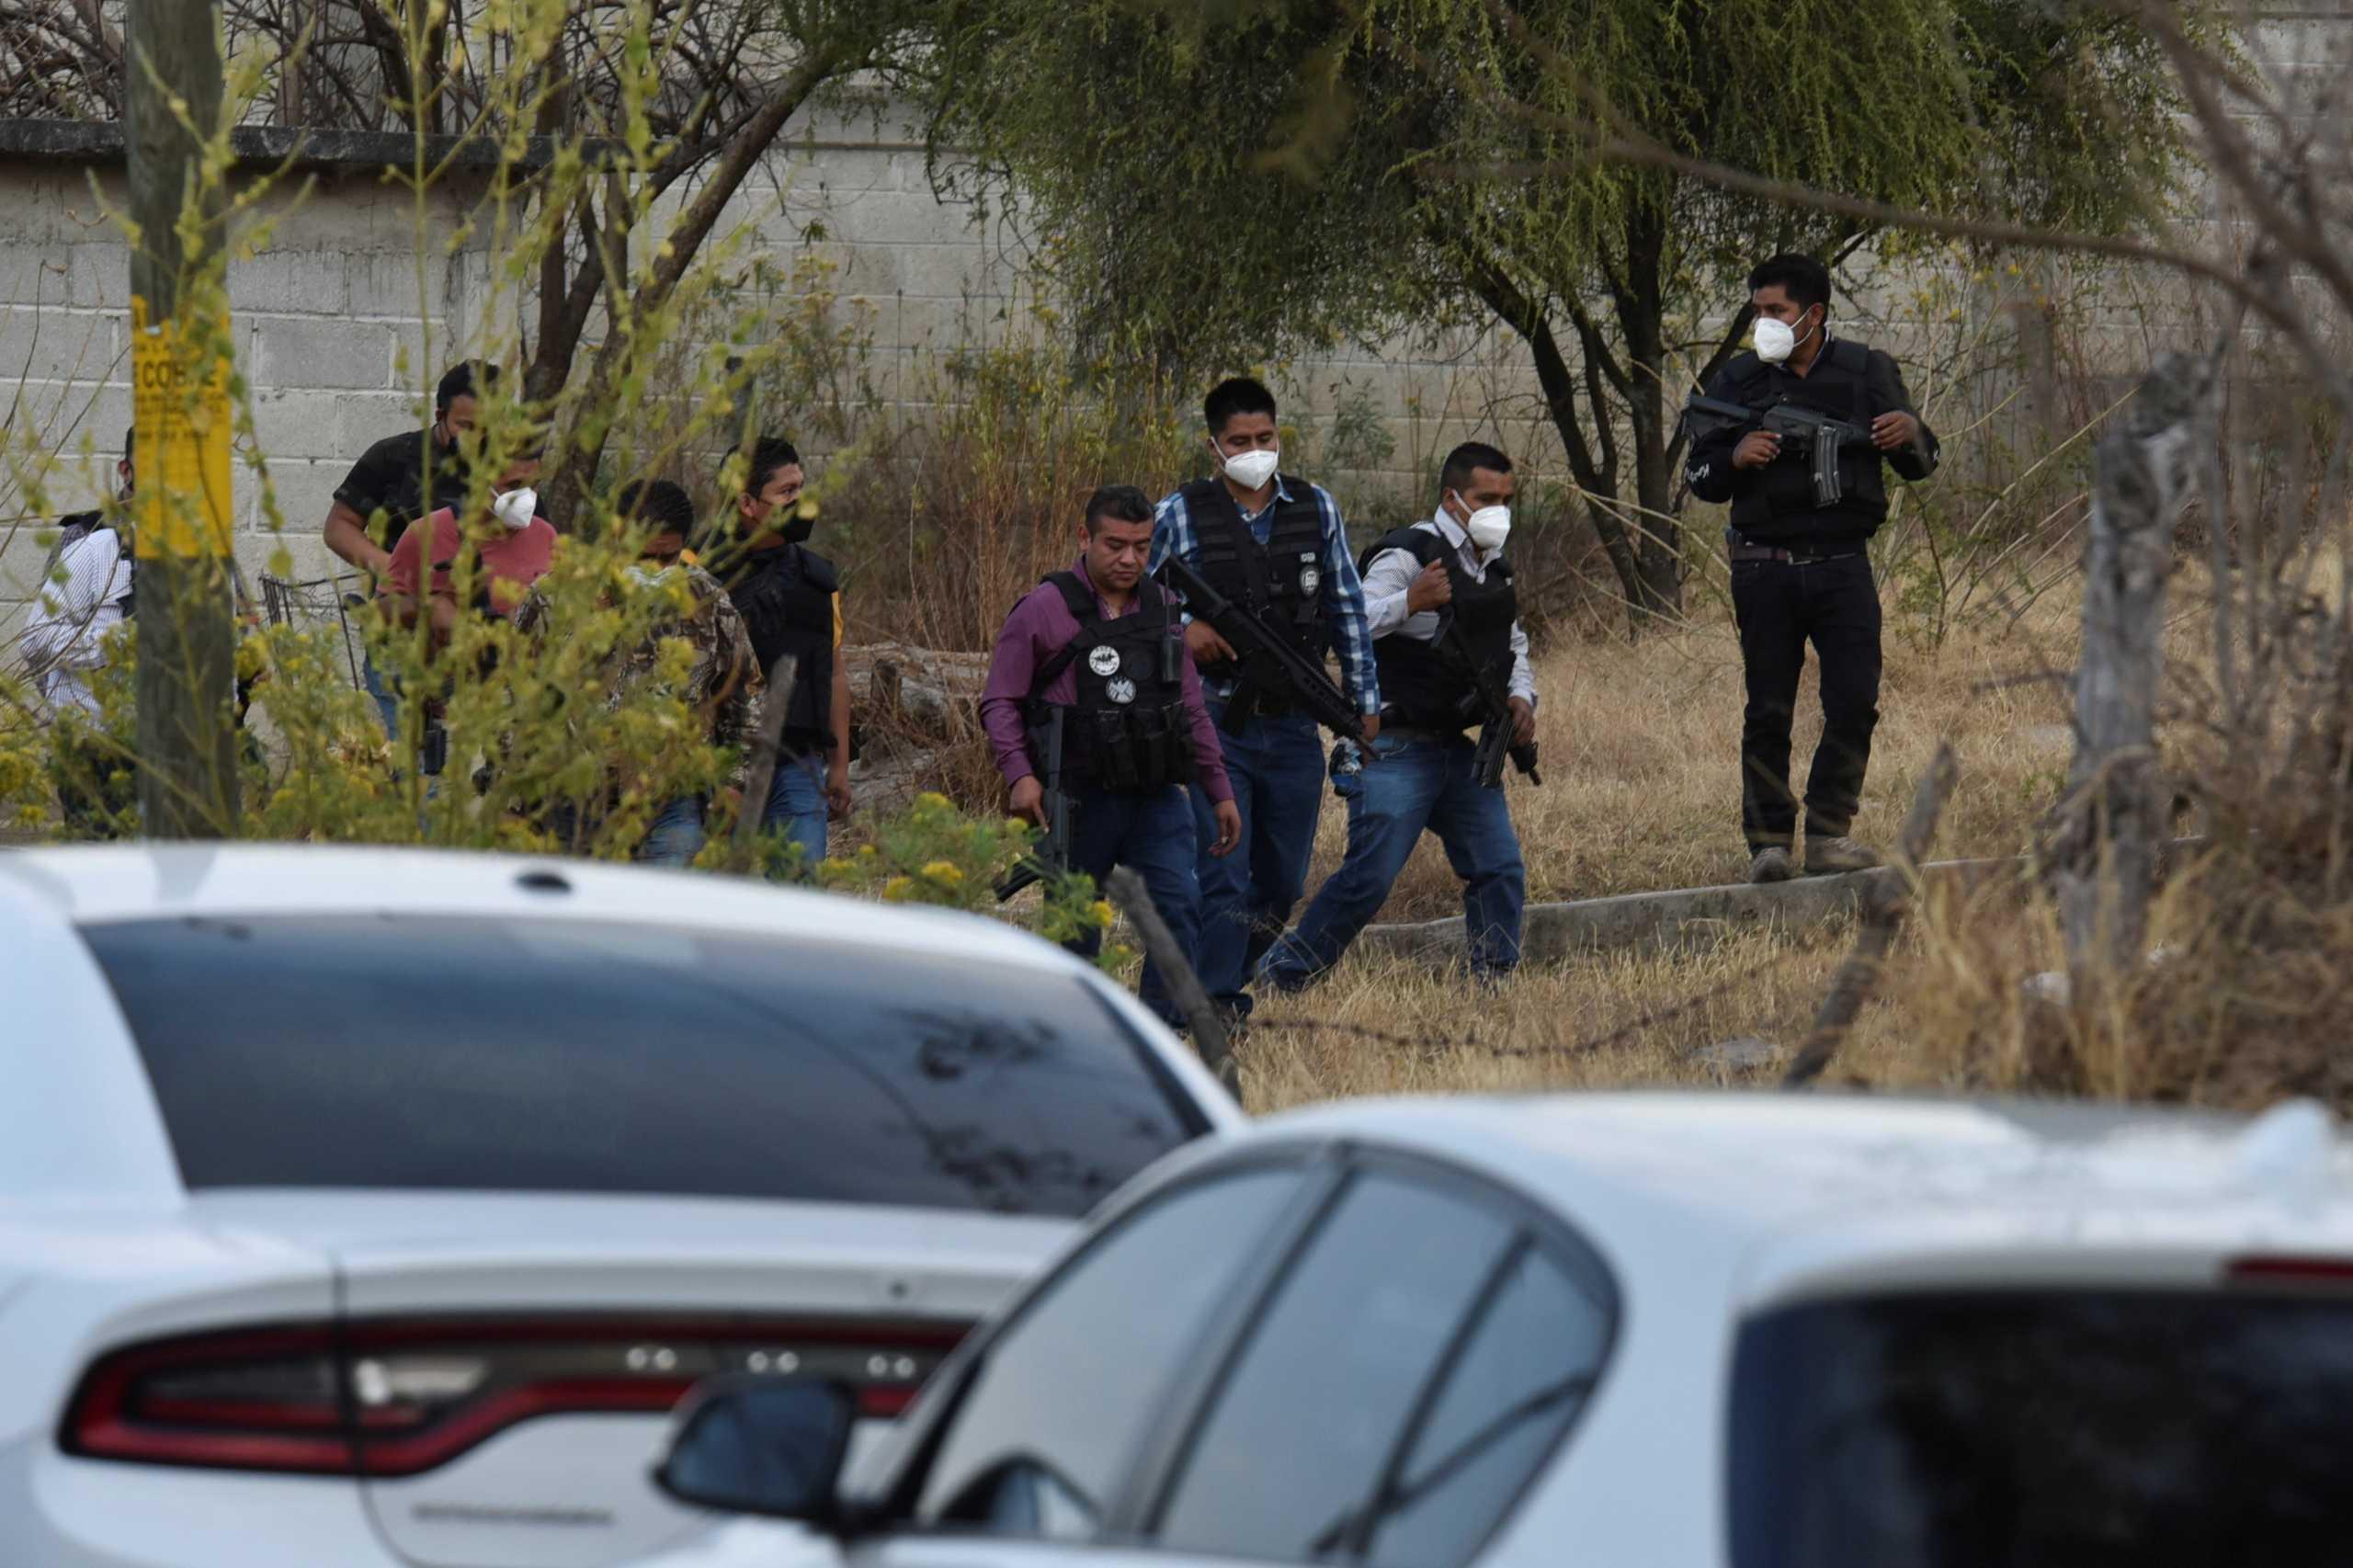 Σφαγή στο Μεξικό: Νεκροί σε ενέδρα αστυνομικοί και εισαγγελείς